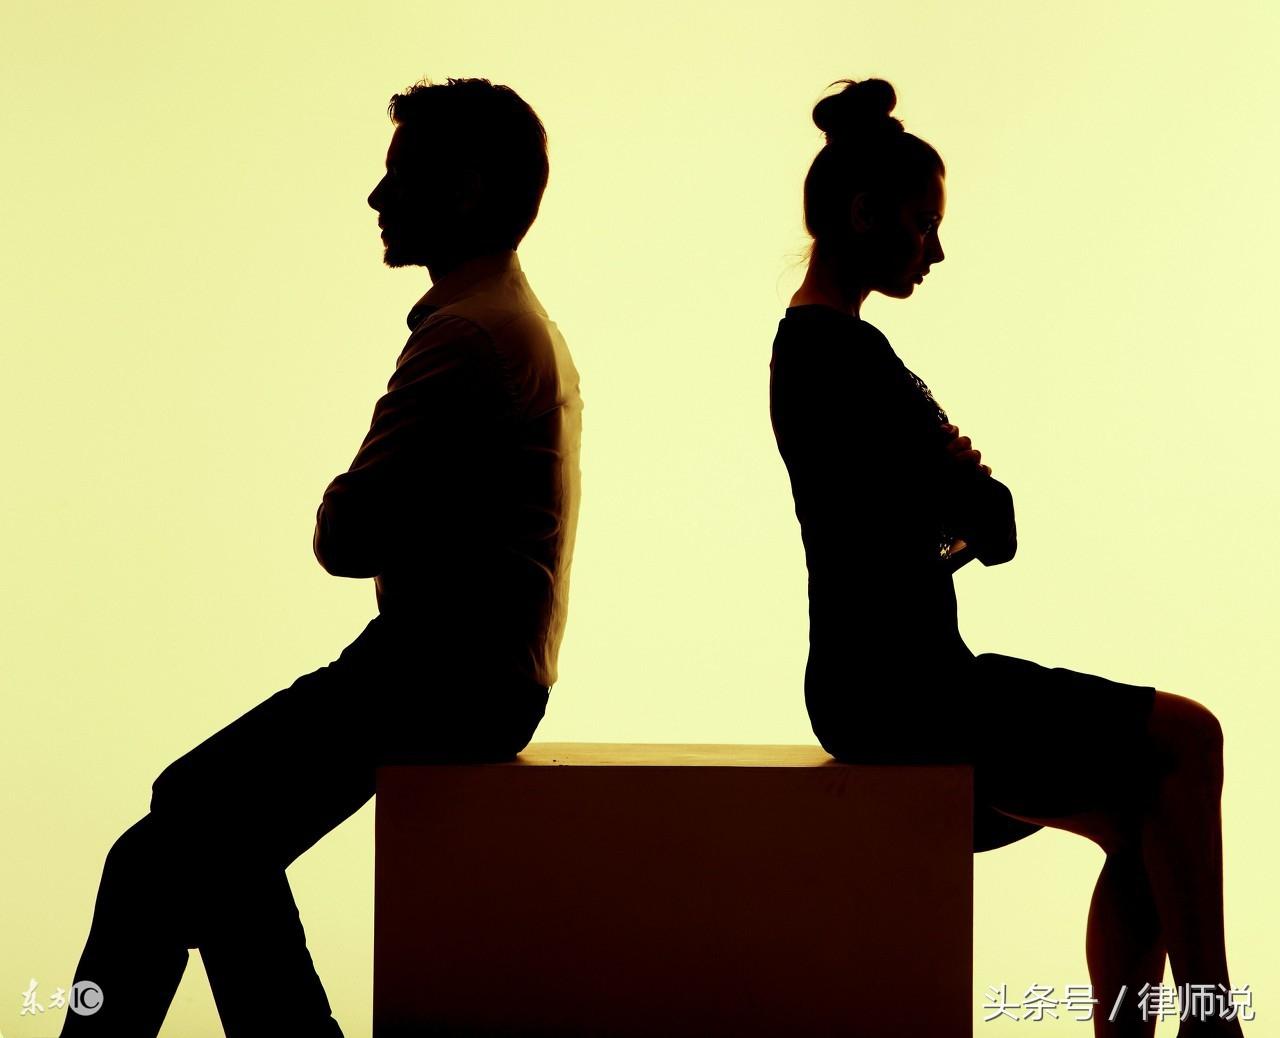 离婚诉讼误区4:先提出离婚的一方更吃亏